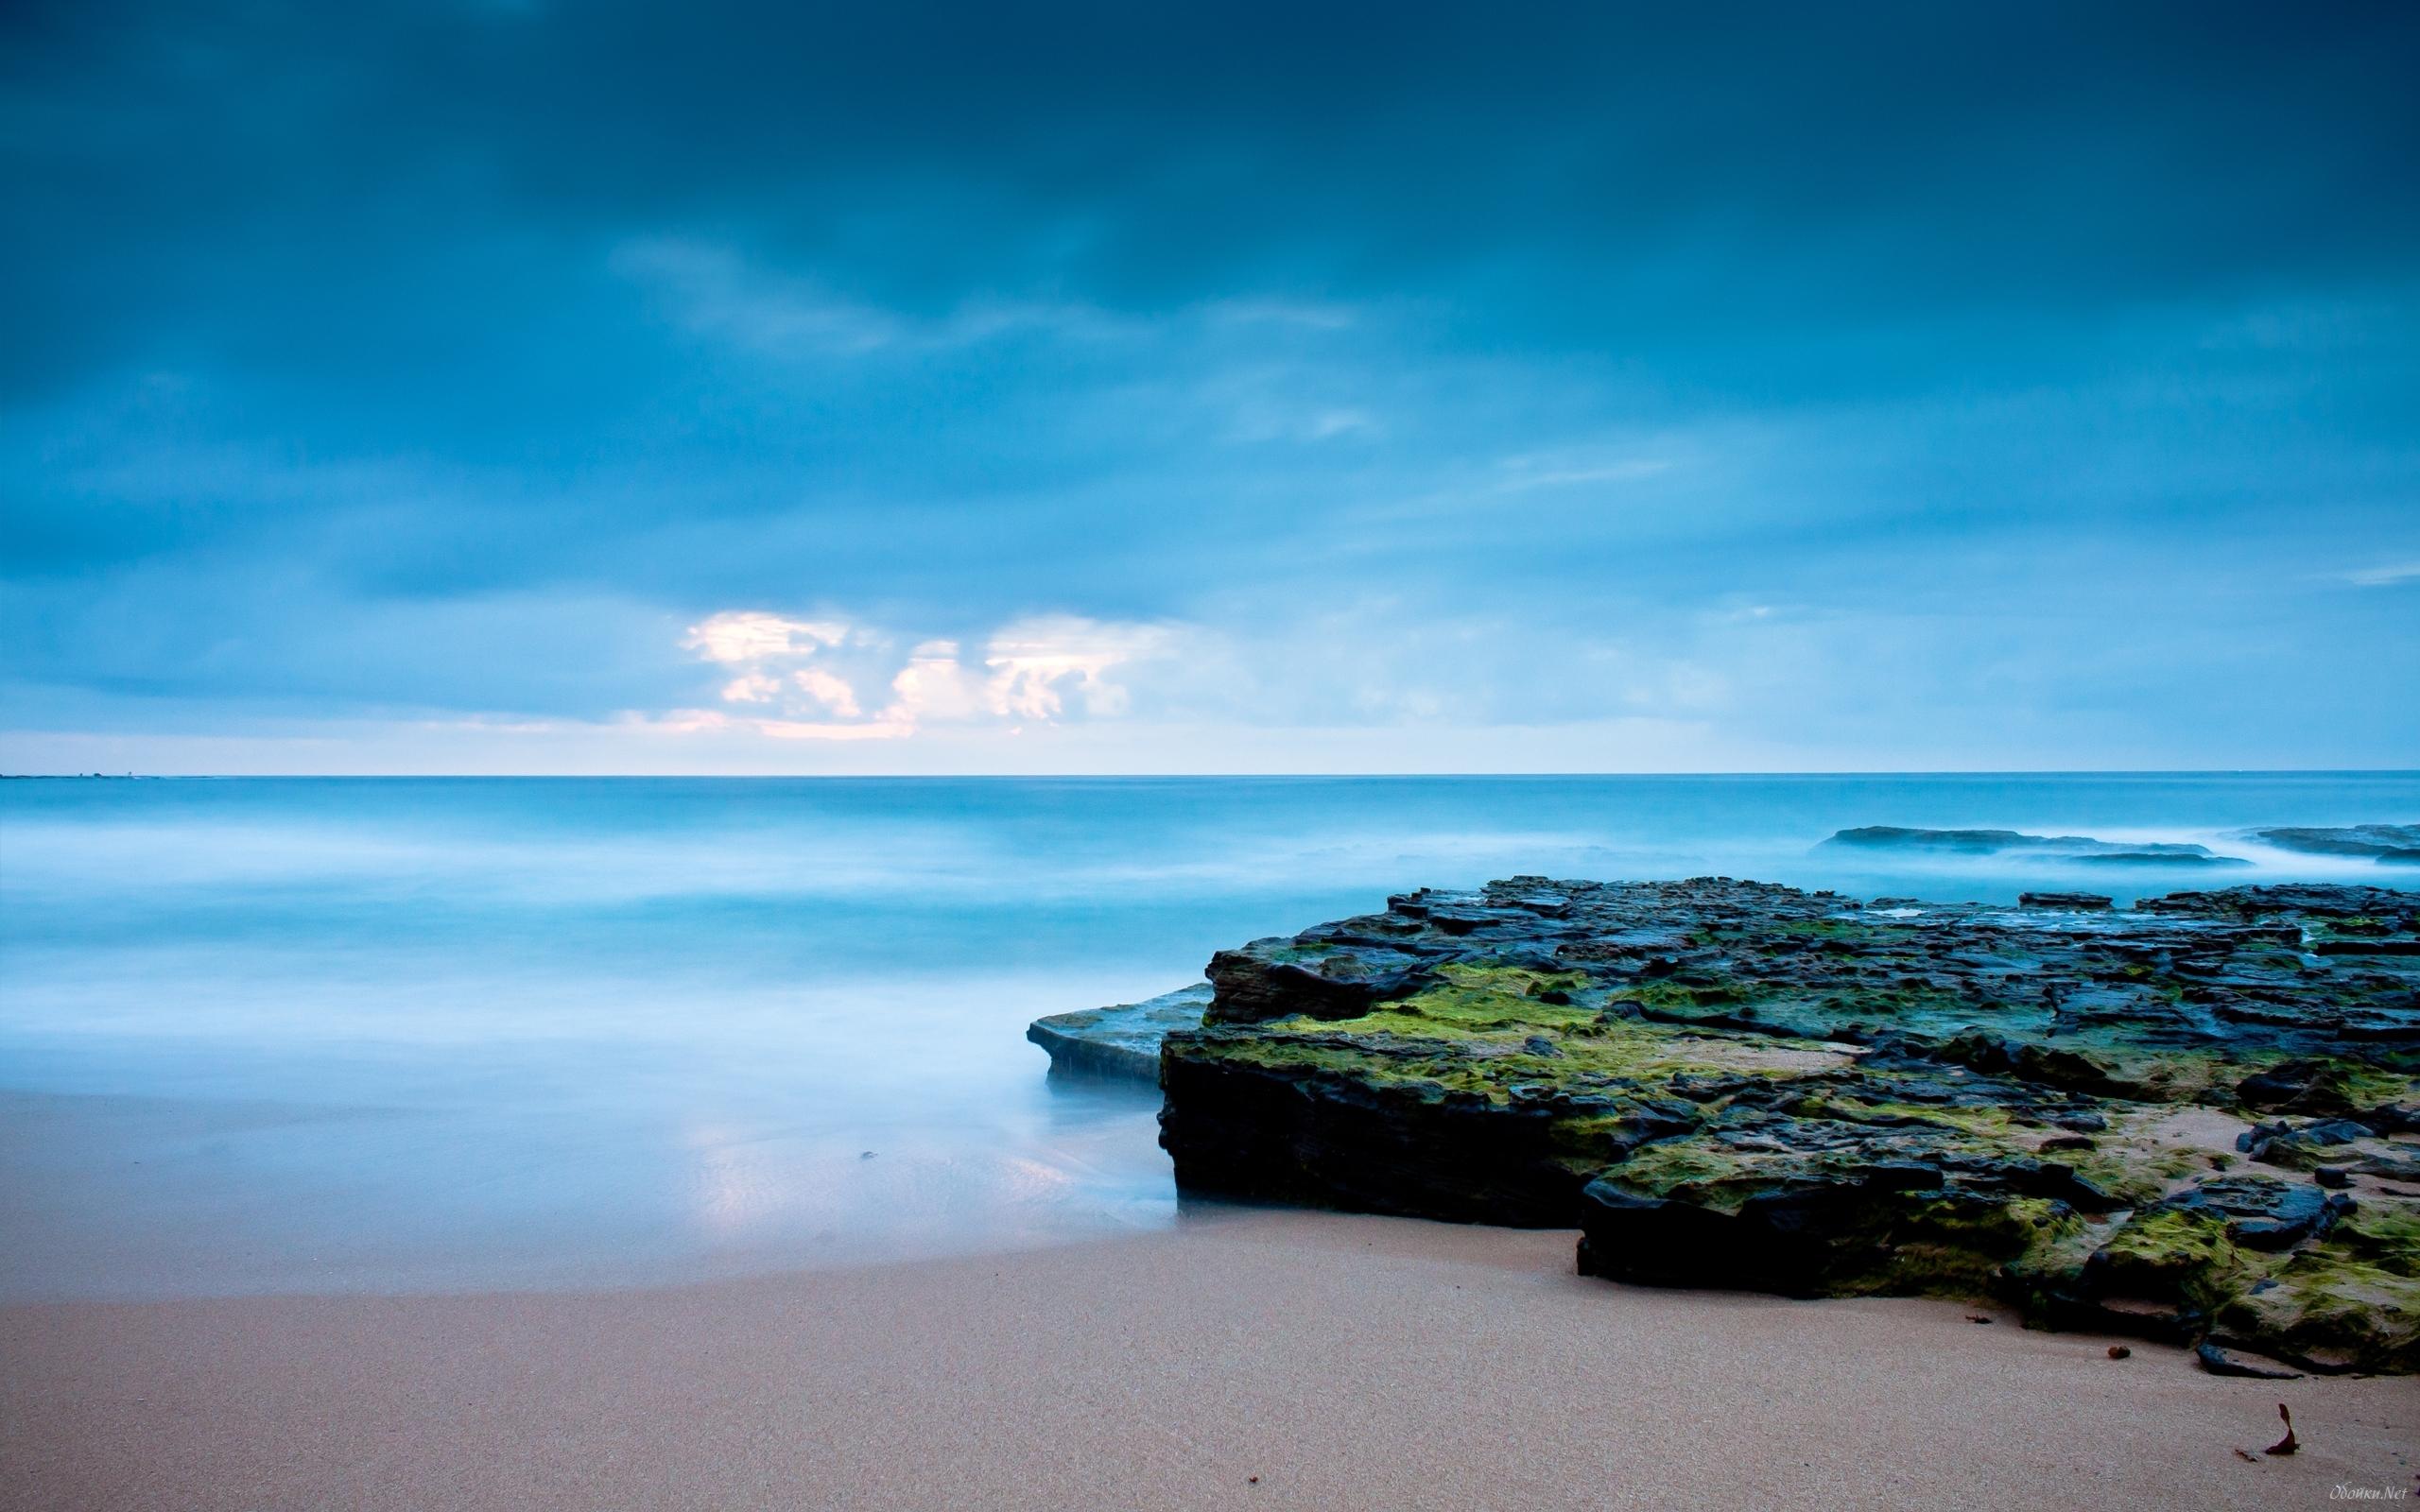 Calm sea shore HD Desktop Wallpaper HD Desktop Wallpaper 2560x1600